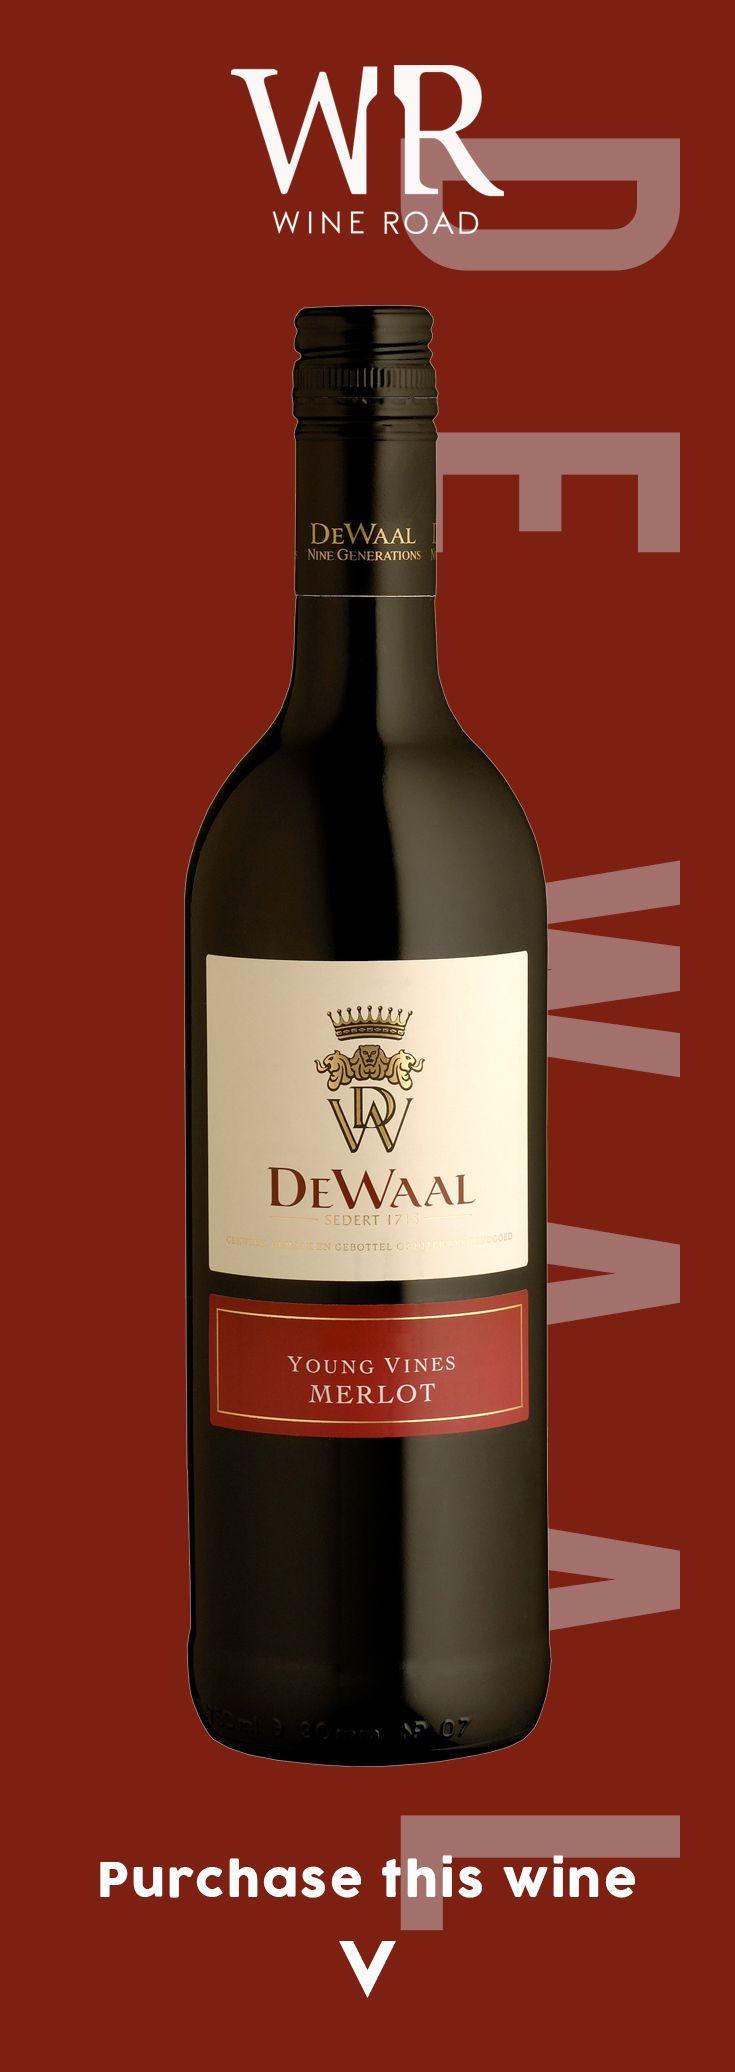 De Waal Merlot Wine Red Wine Merlot